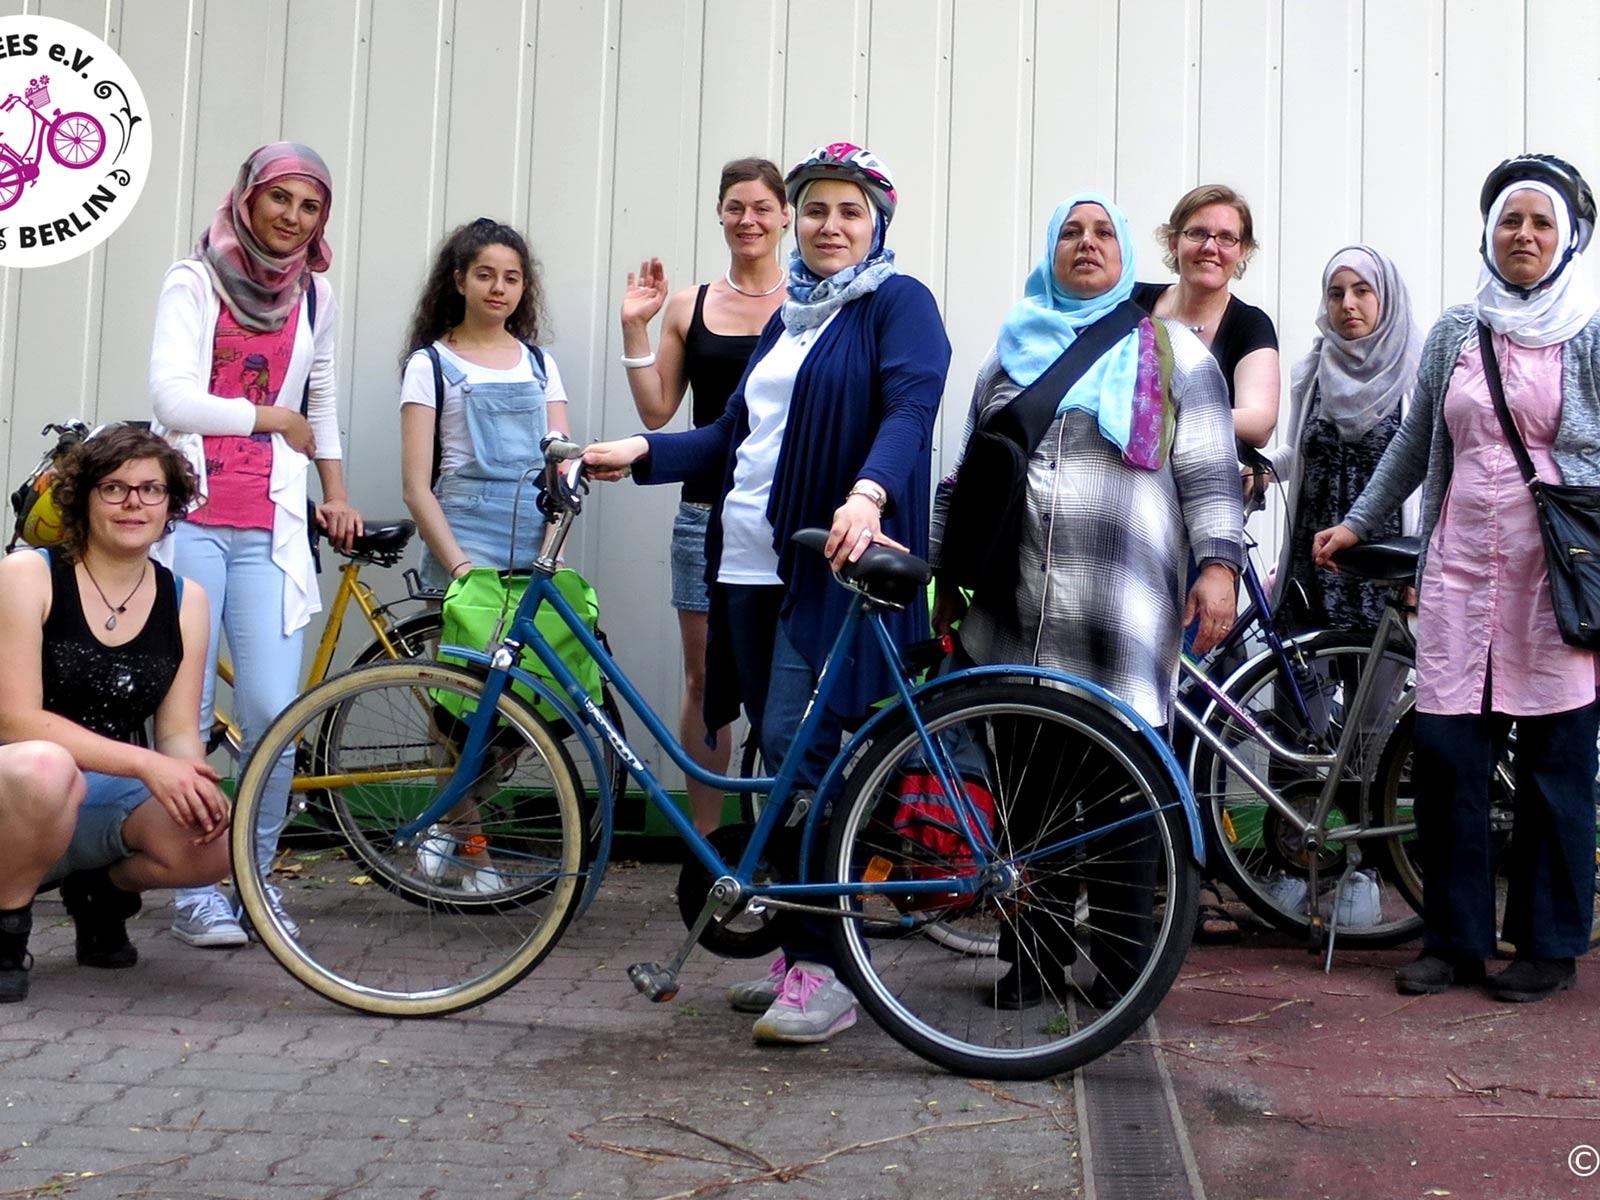 Eine Gruppe von Frauen mit Rädern lächelt in die Kamera.